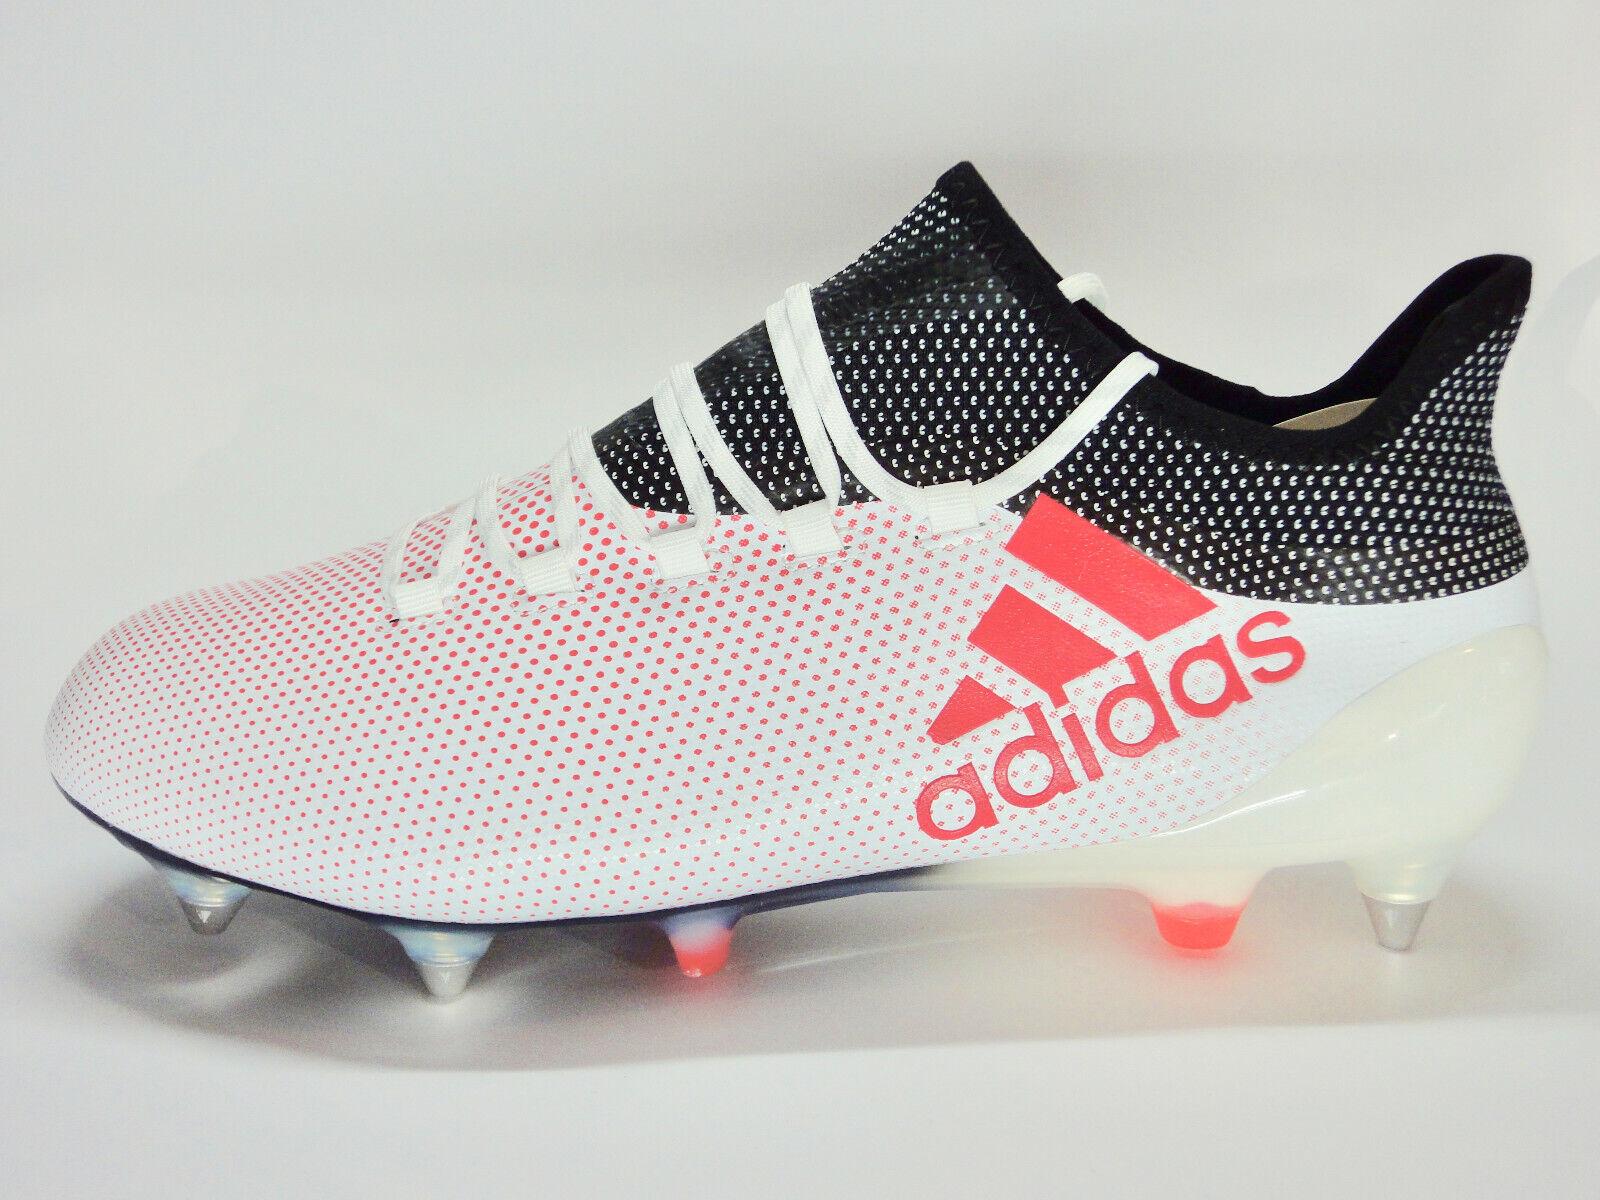 Adidas X 17.1 SG Stollenschuhe Fußballschuhe weiß rot schwarz CP9171